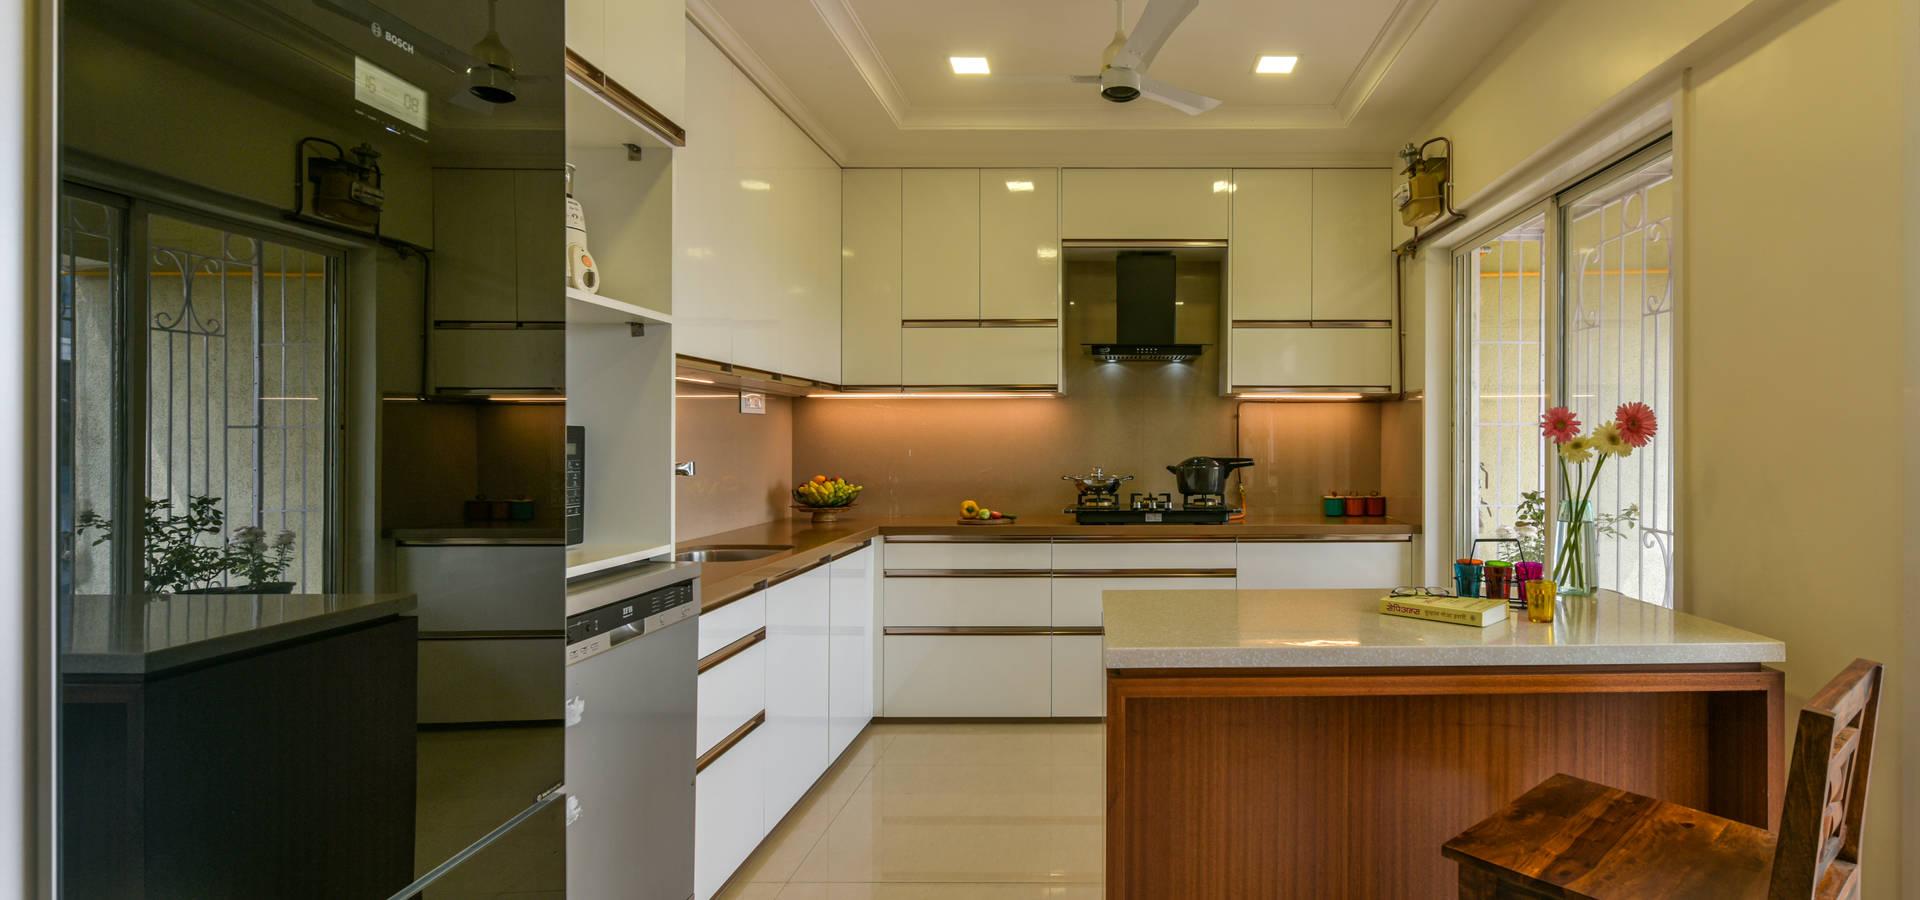 Corelate. Architecture | Interior Design